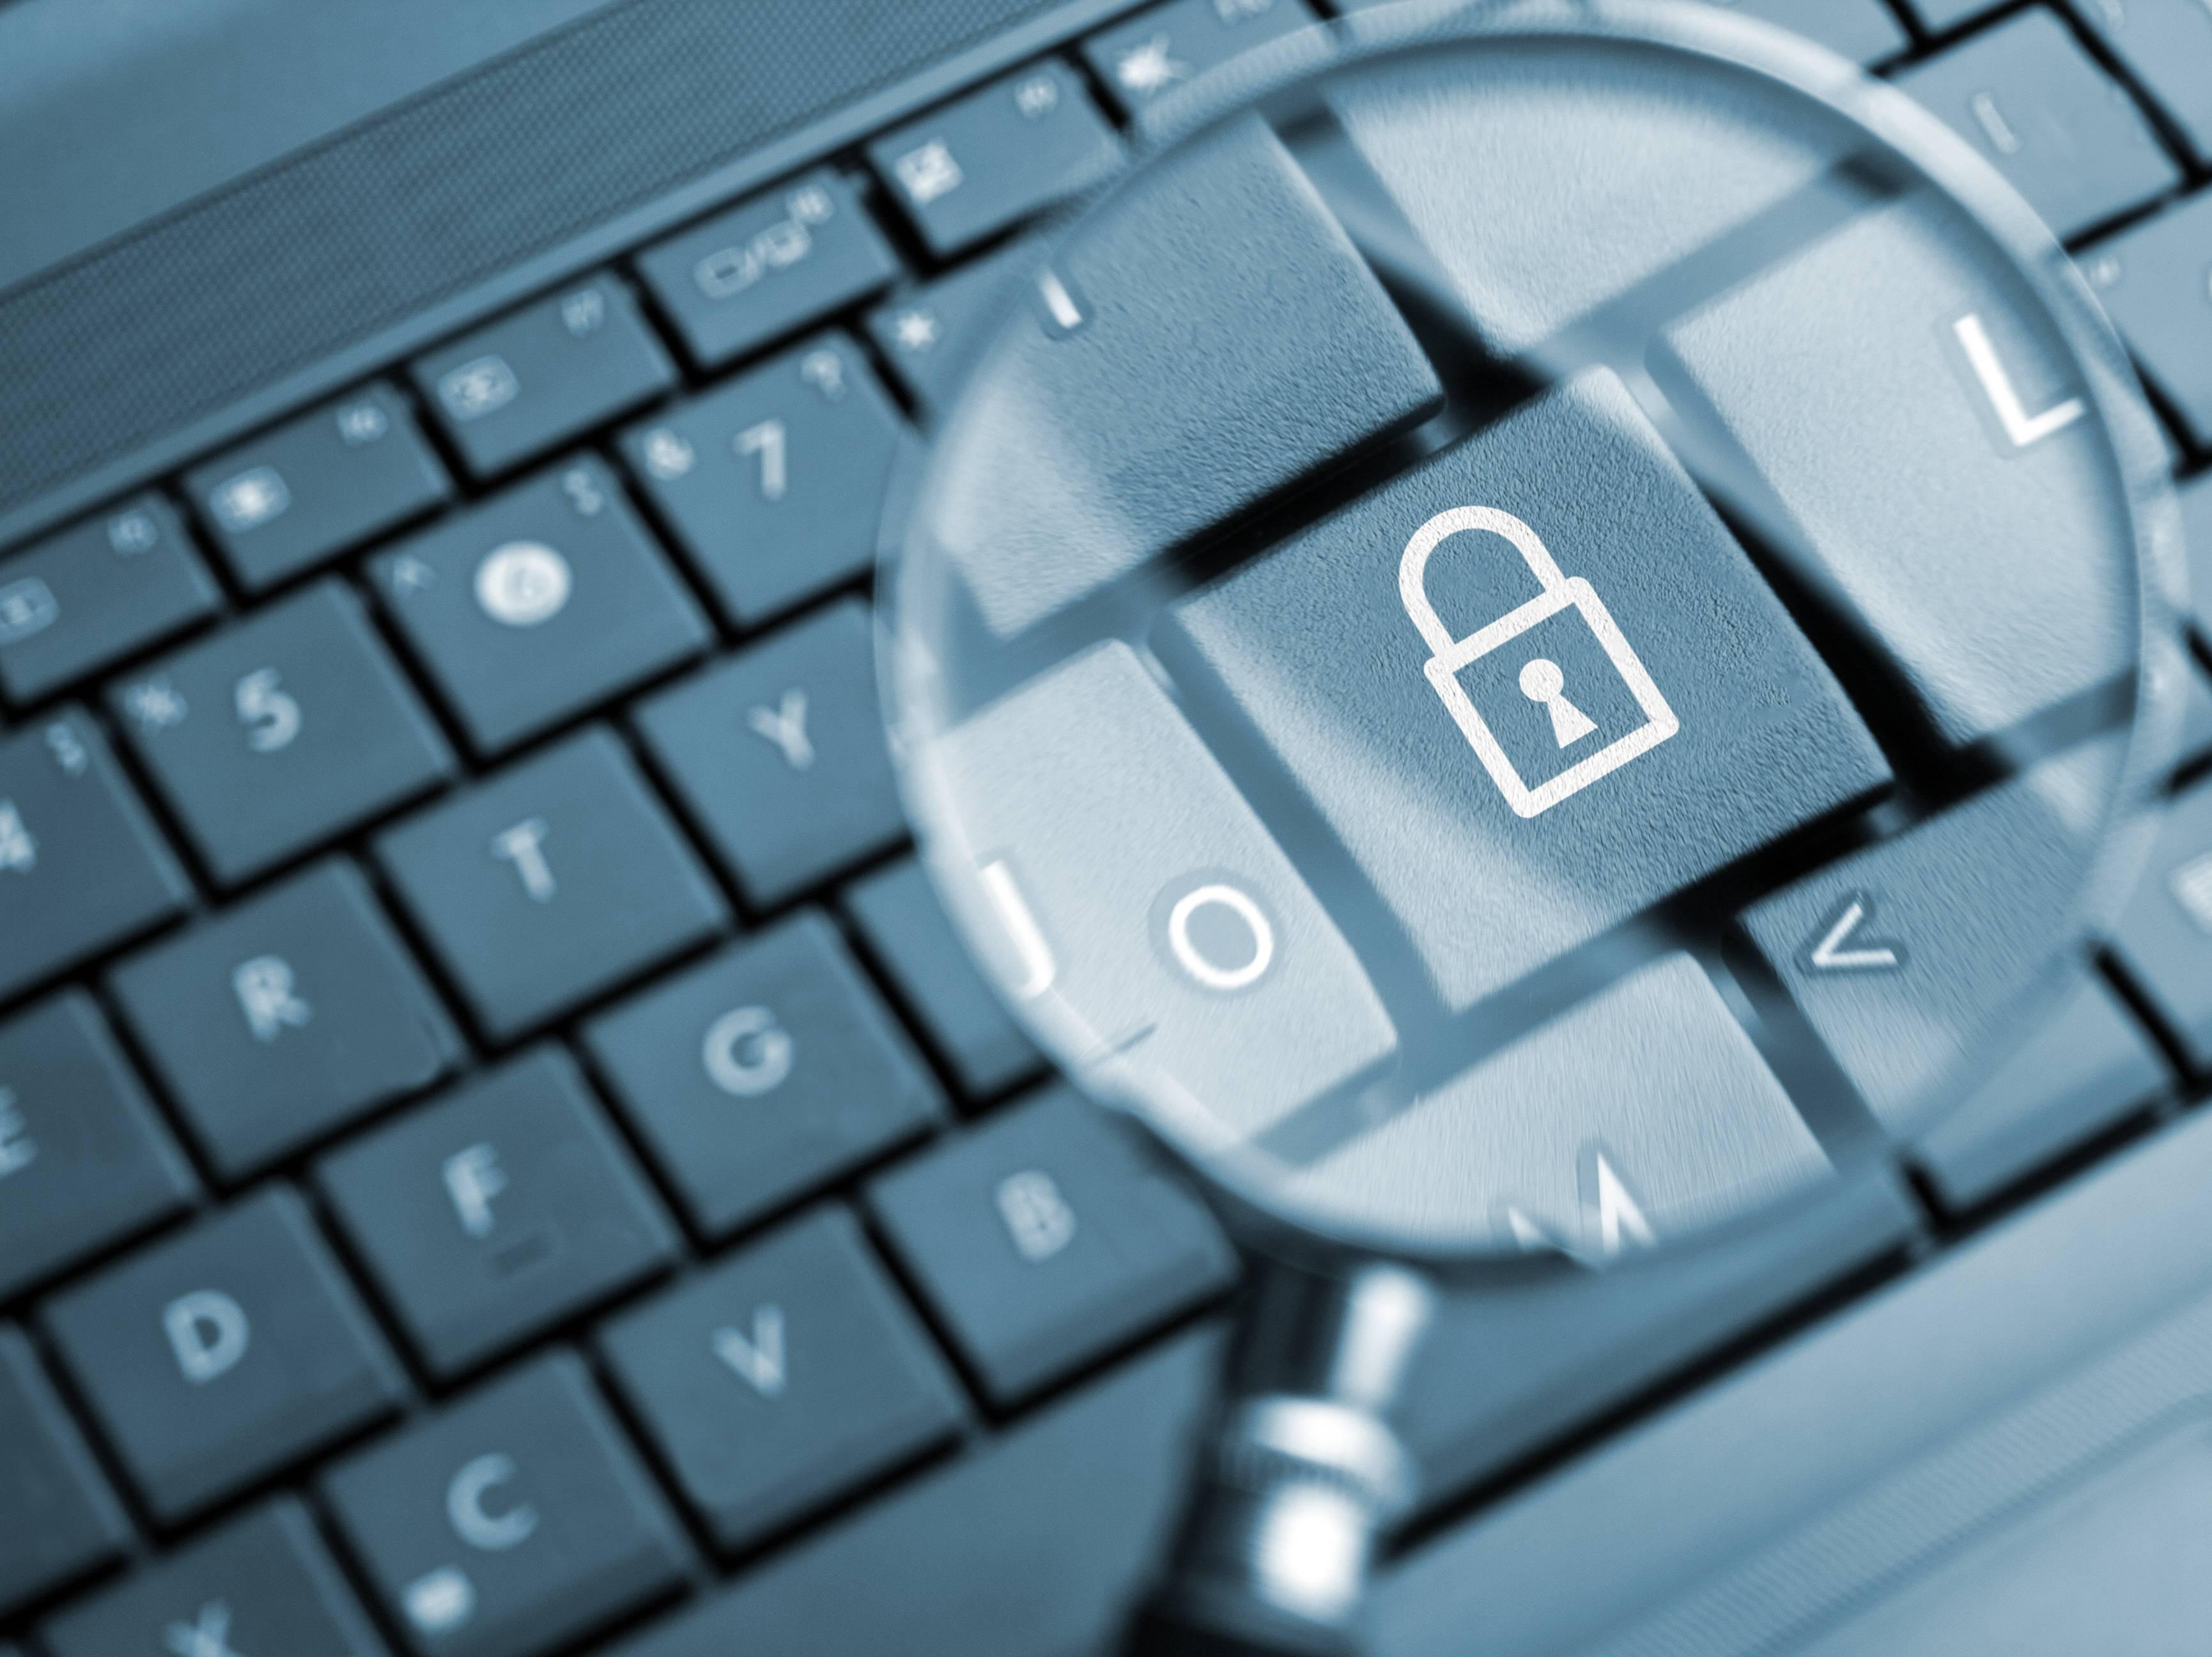 Segurança na internet foto divulgacao